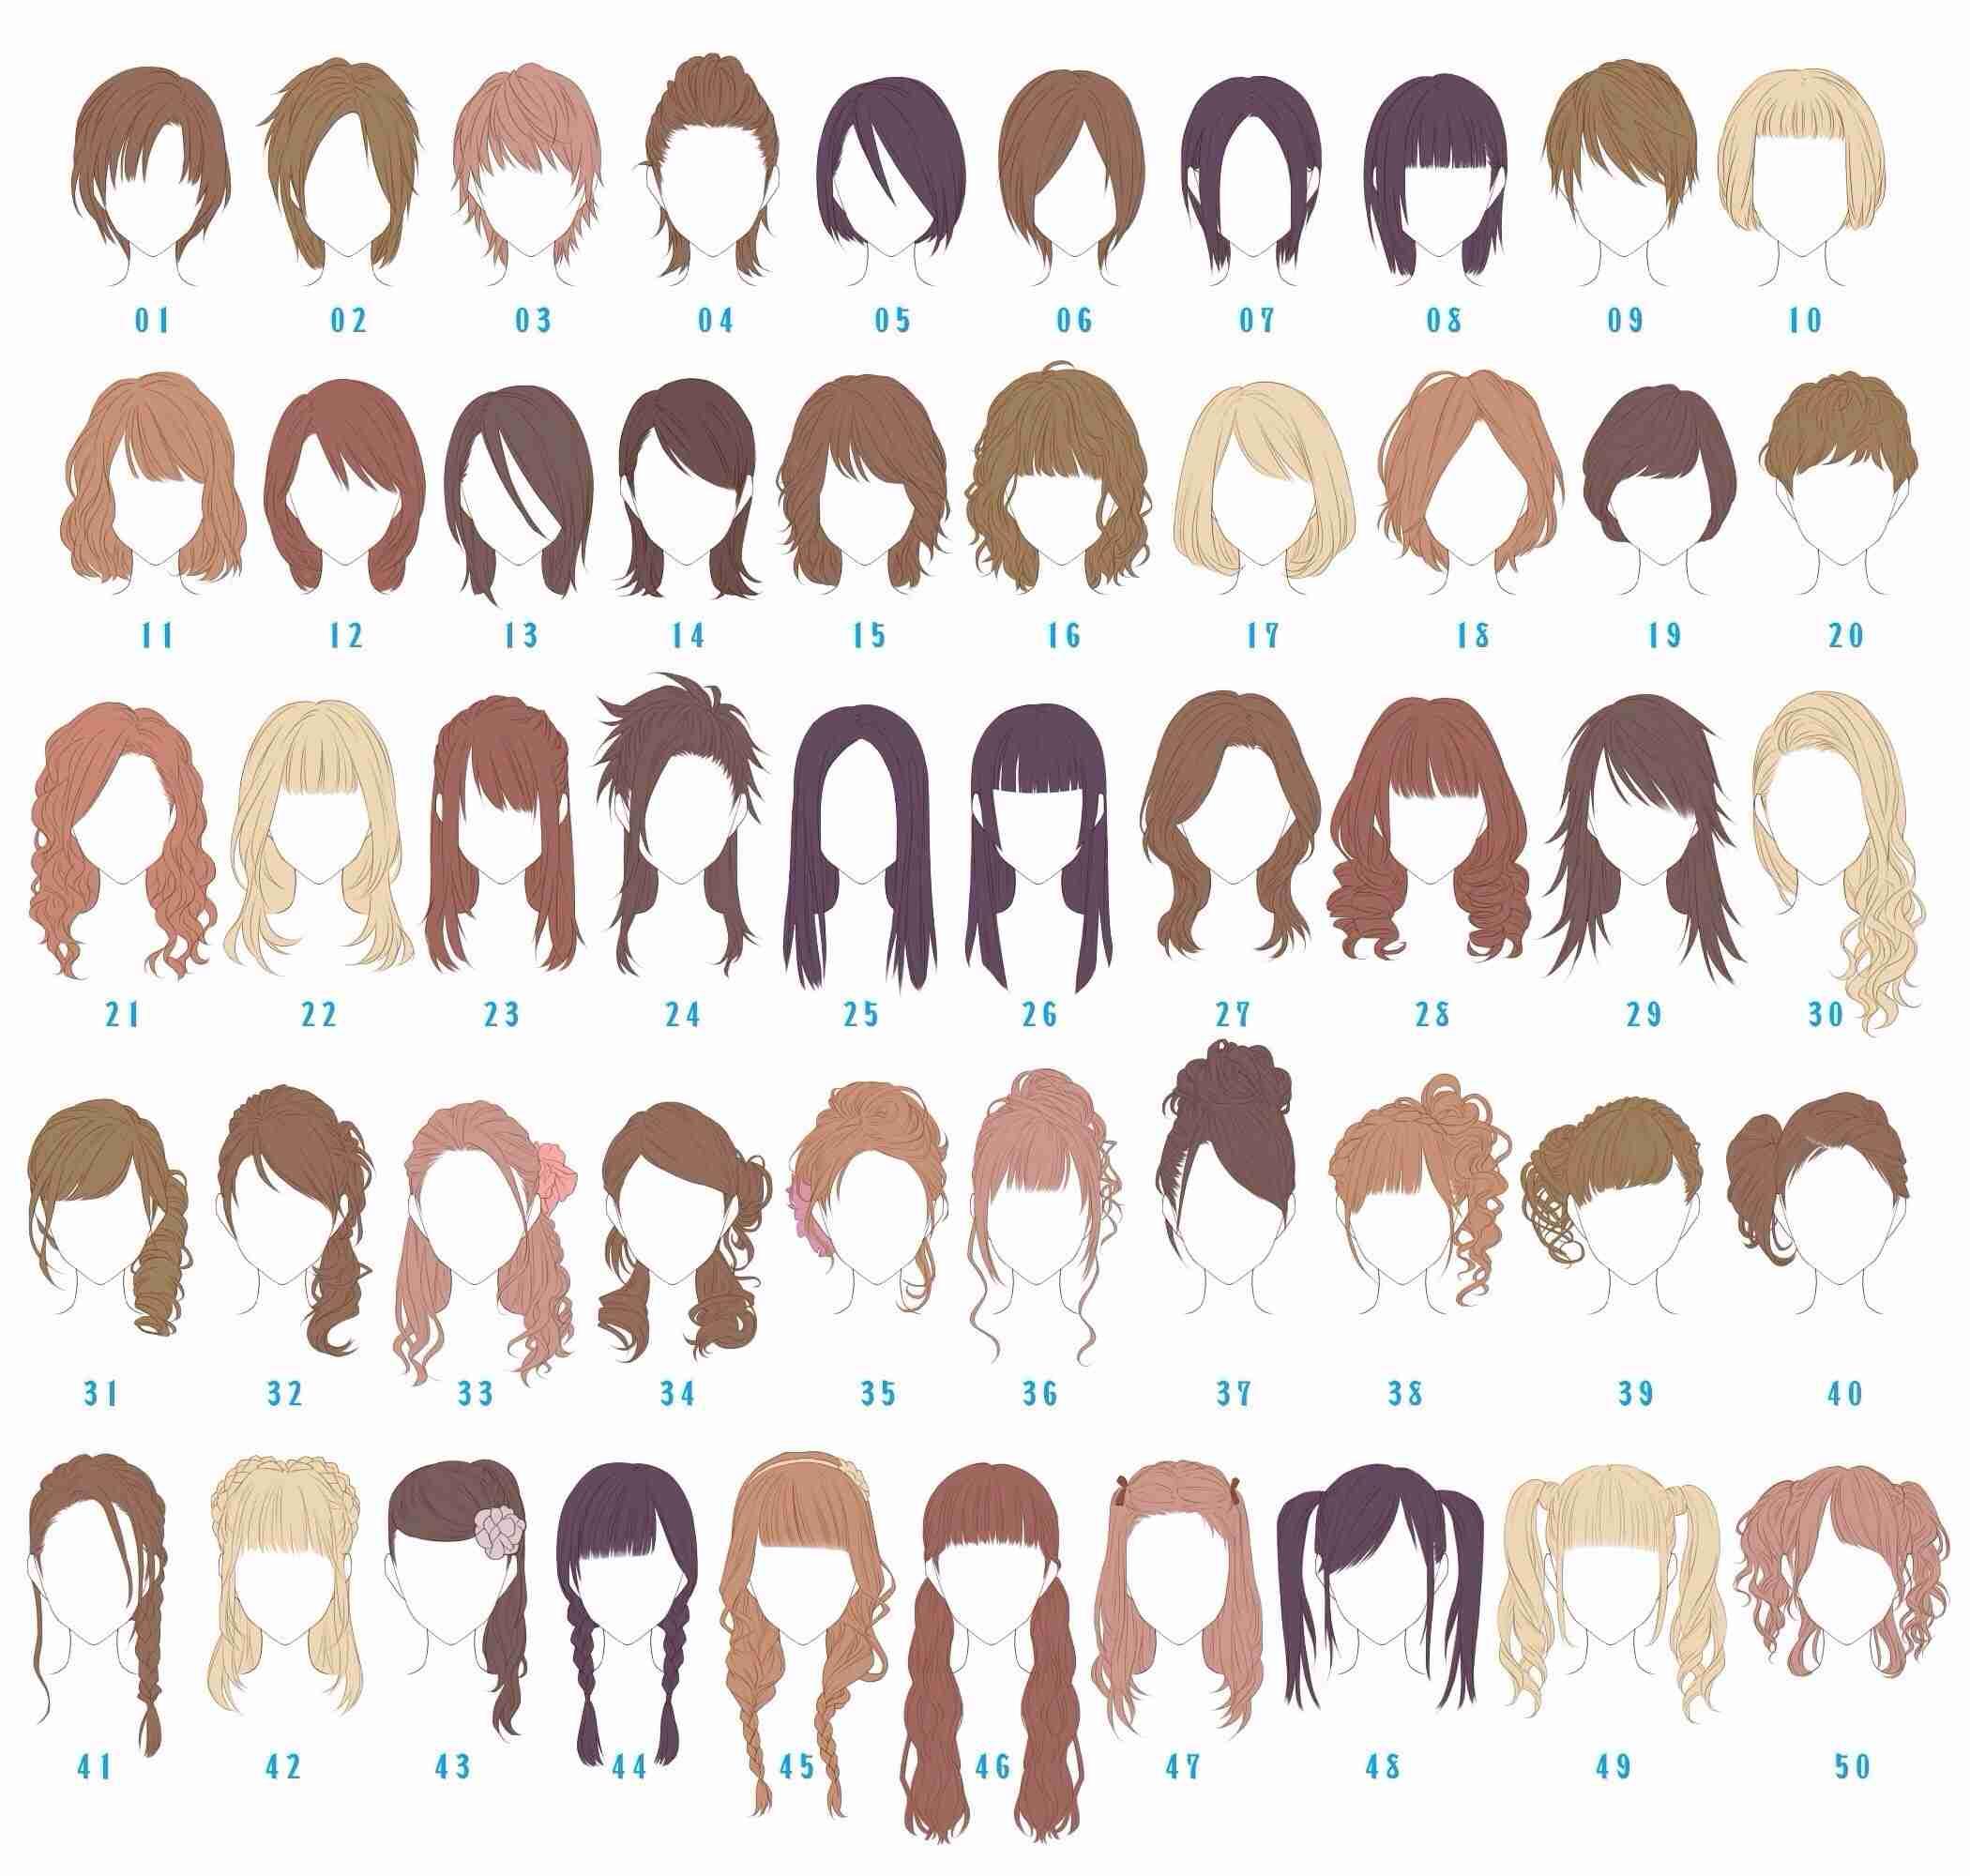 【ヘアスタイル用語まとめ】美容室に行って悩まない髪型の種類を紹介 MARBLE [マーブル]